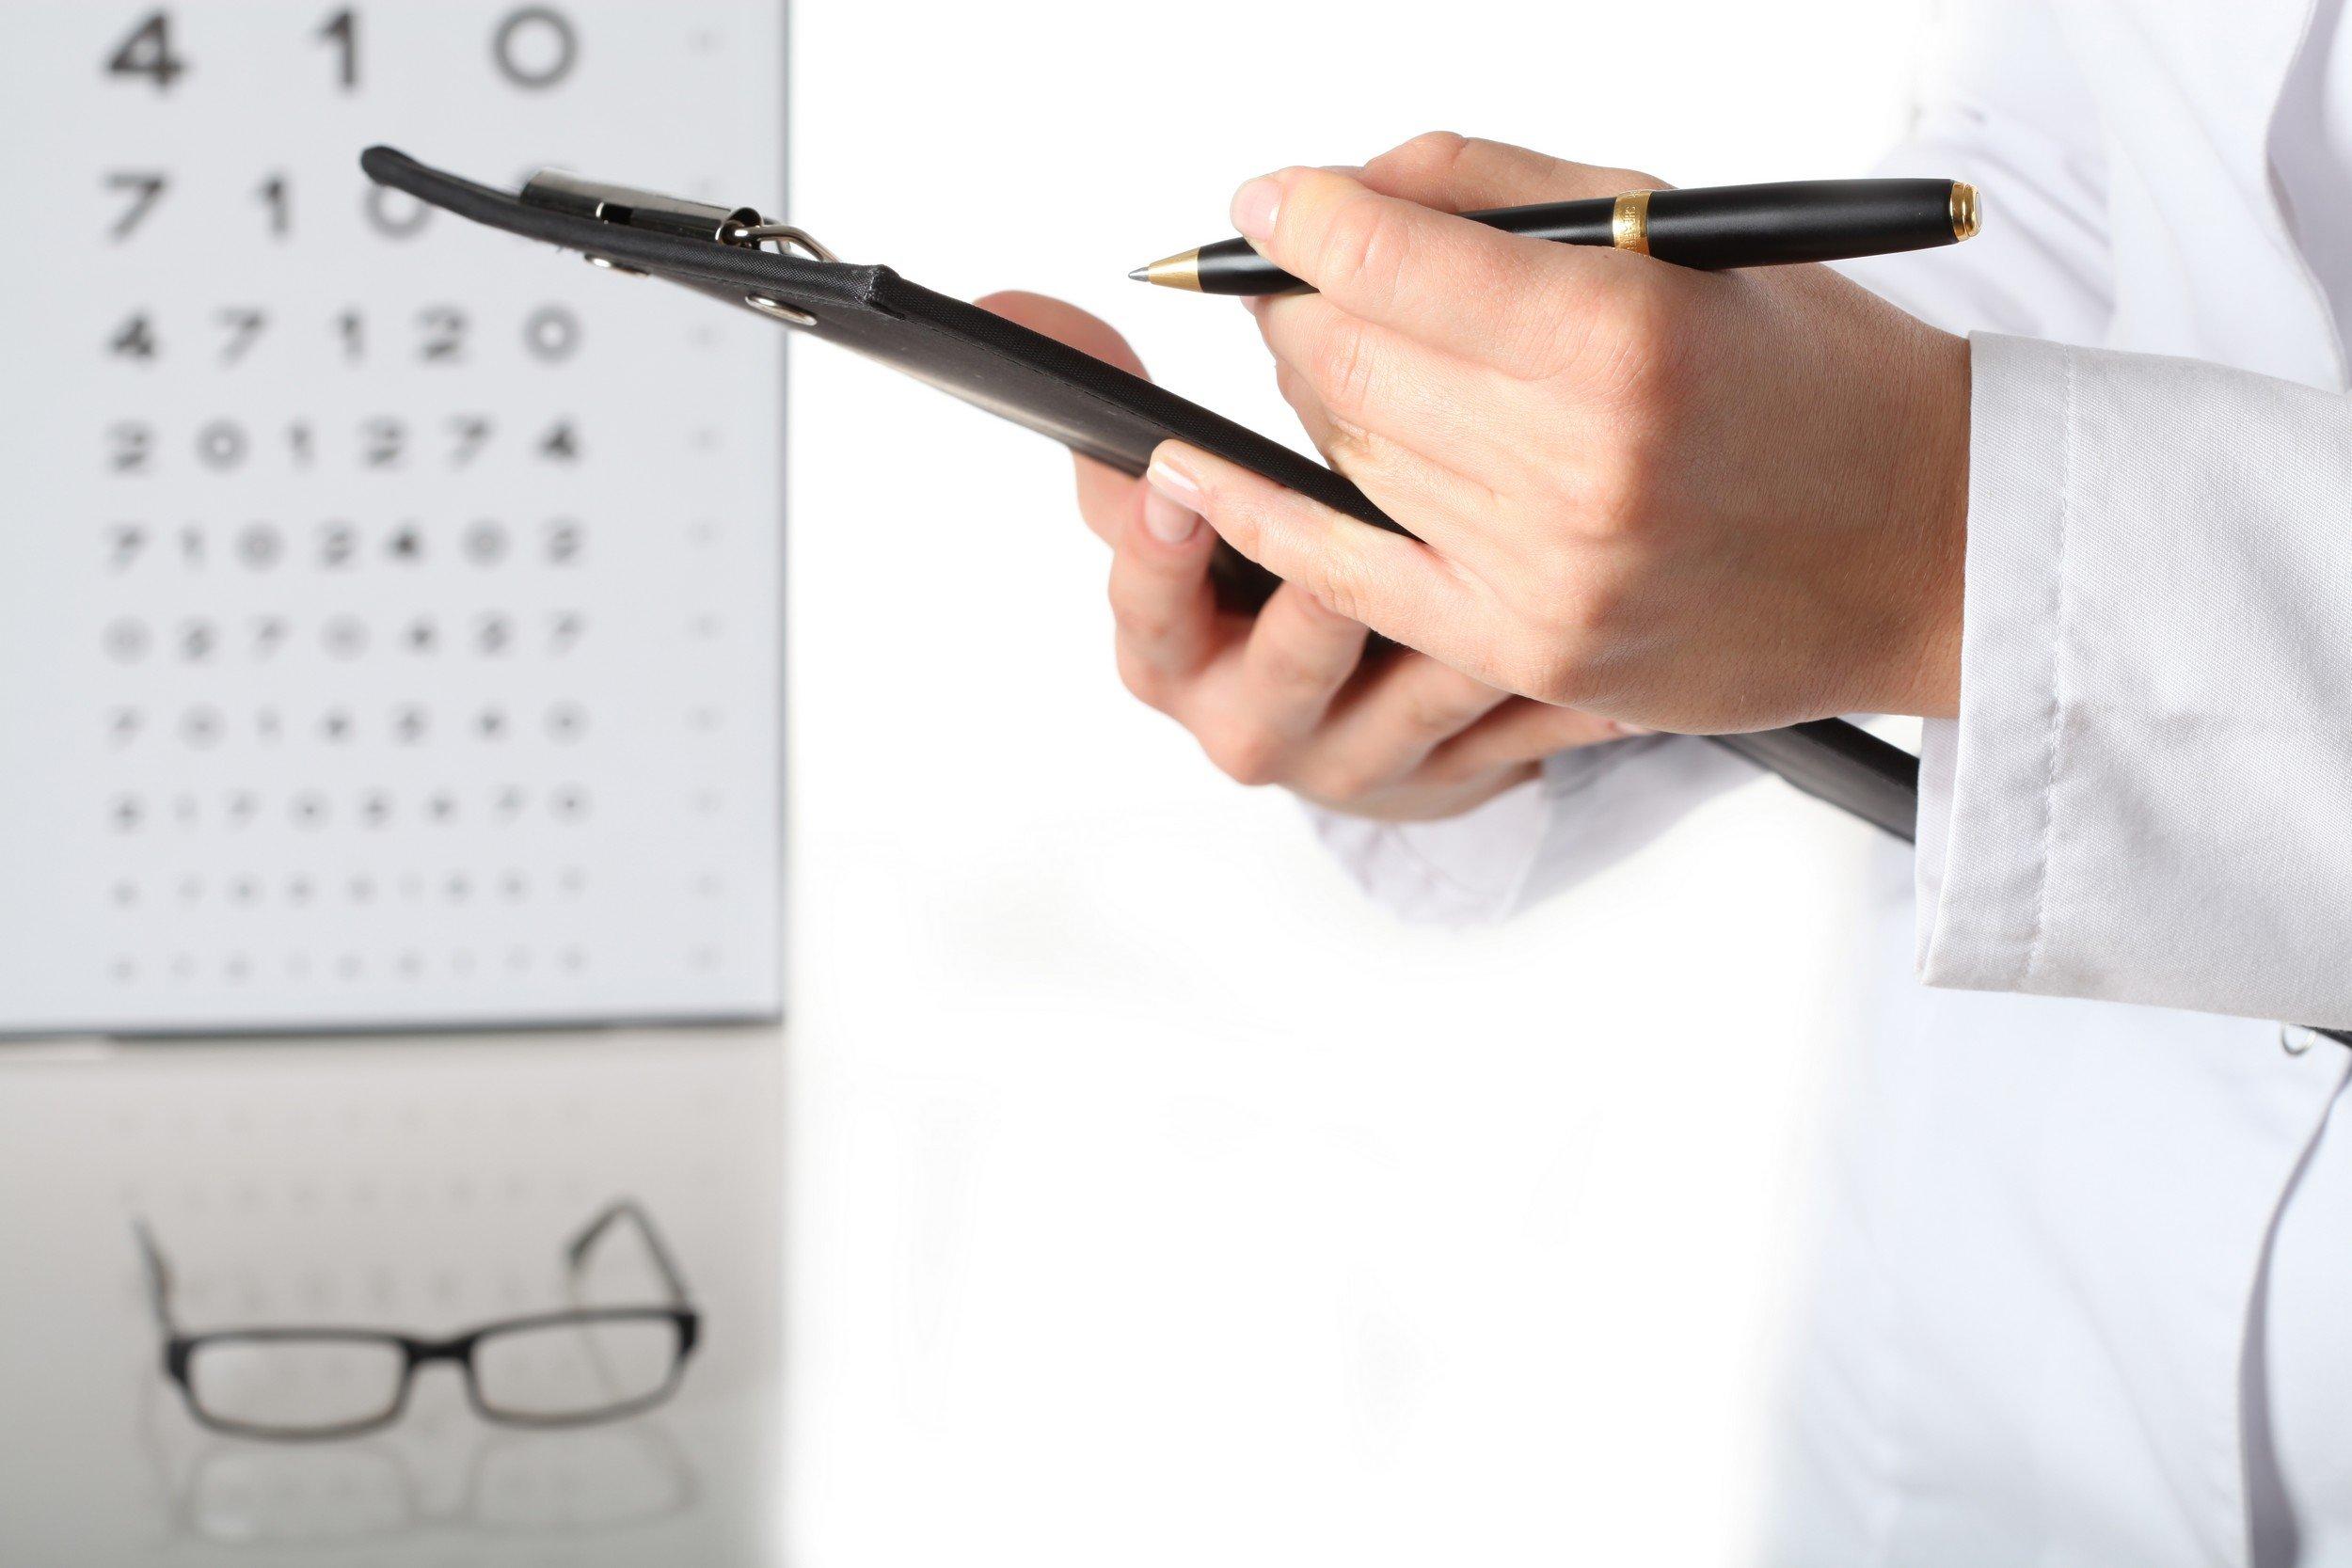 Хирургическое вмешательство при глаукоме – так ли страшно на самом деле?